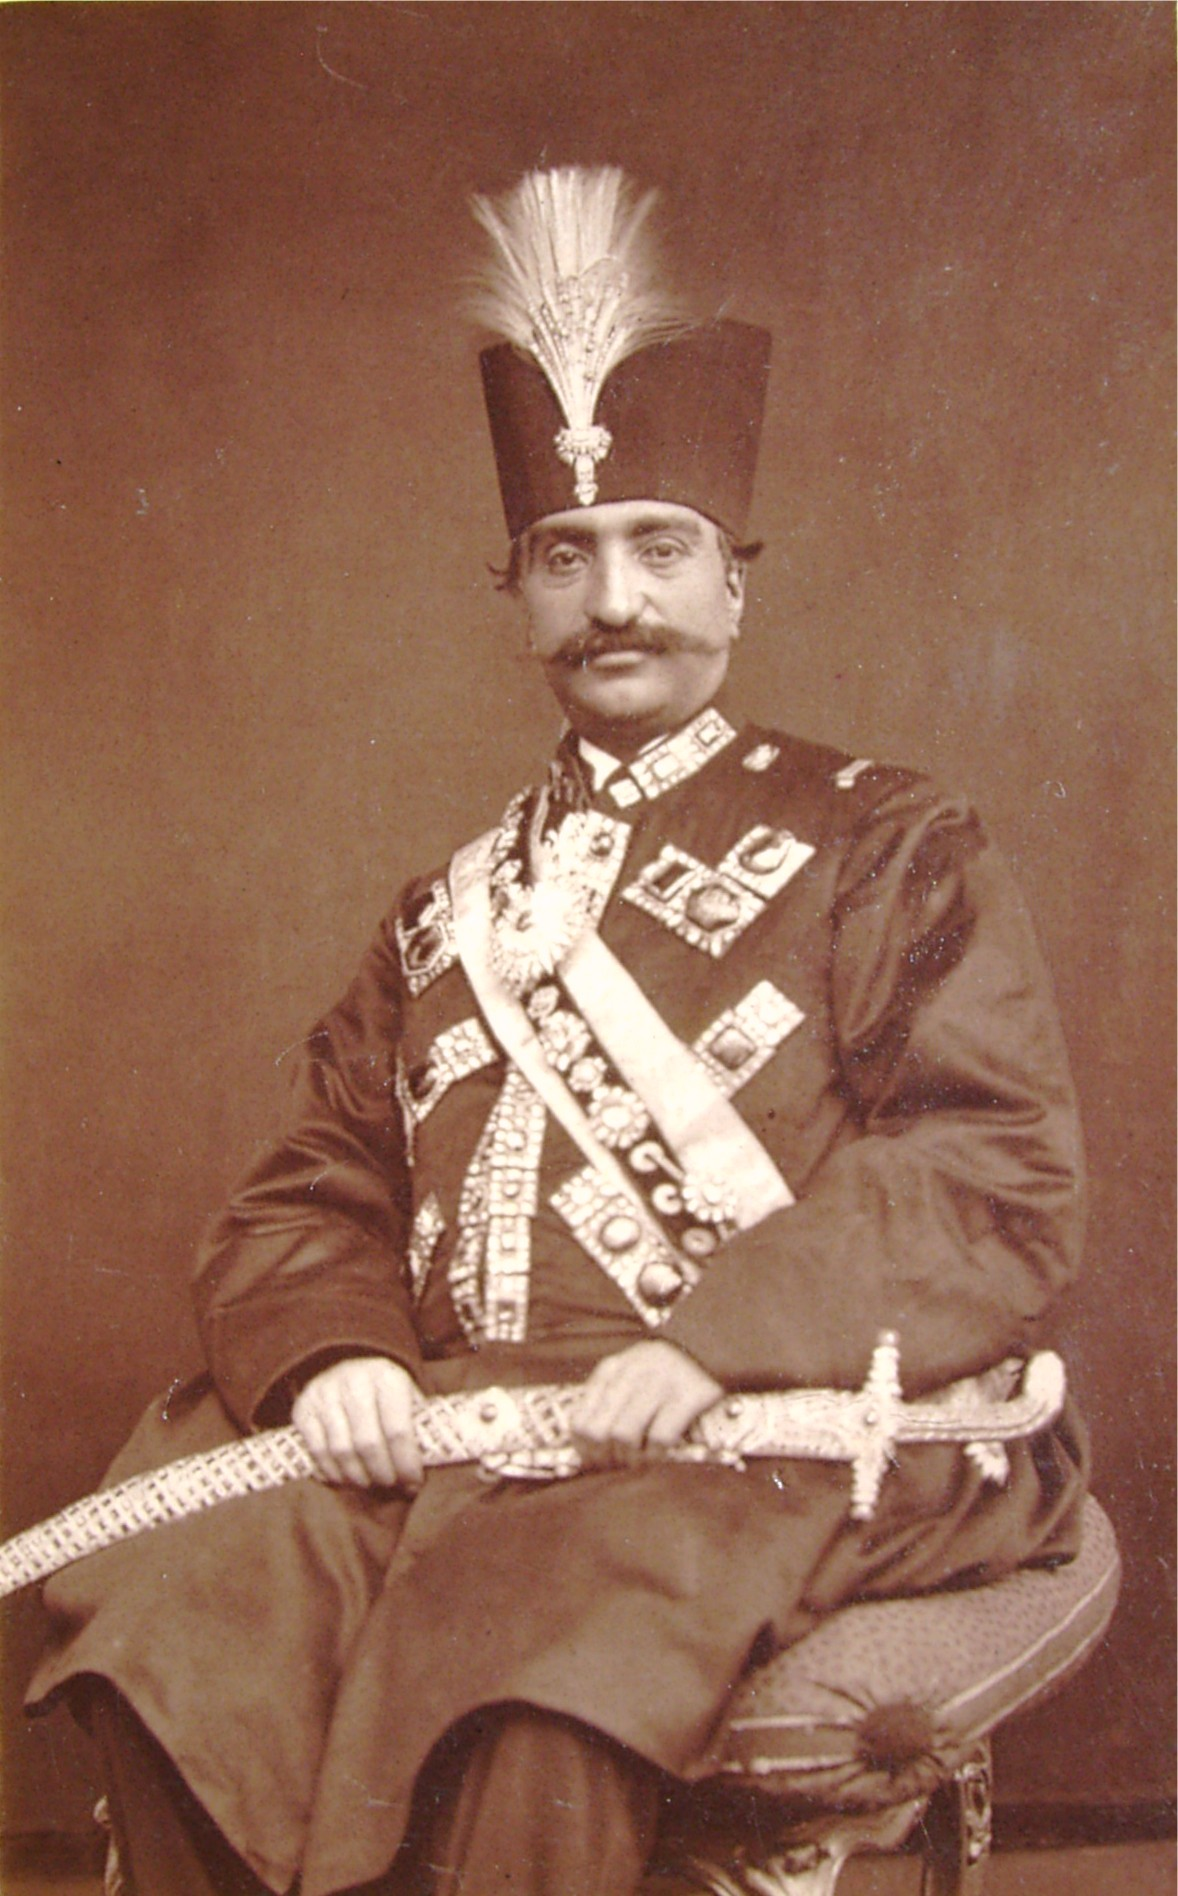 Image of Naser al-Din Shah Qajar from Wikidata